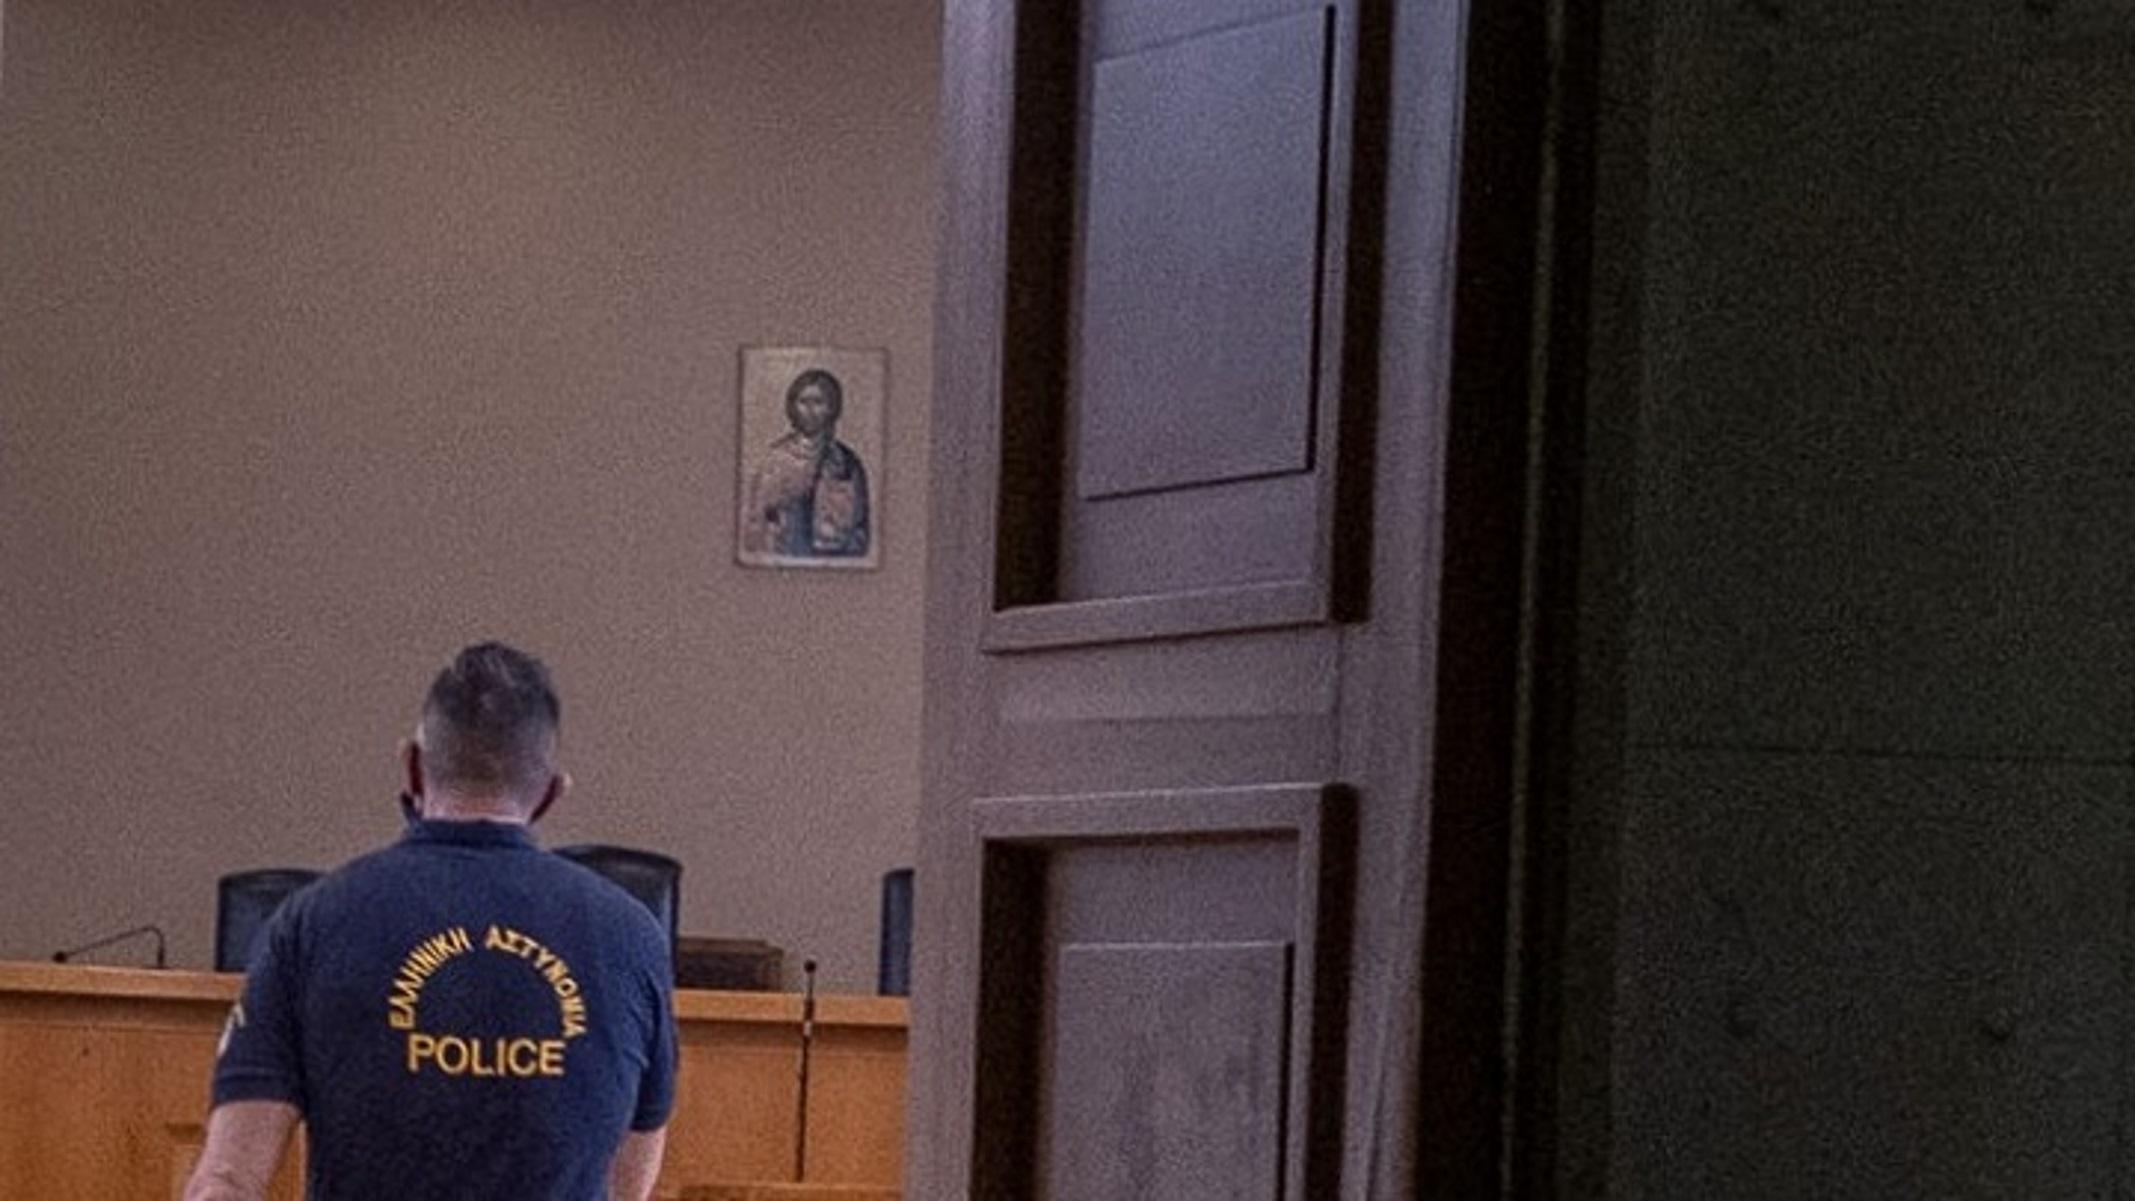 Θεσσαλονίκη: Καταπέλτης η εισαγγελέας στη δίκη για τη δολοφονία του 45χρονου ιδιοκτήτη σουβλατζίδικου